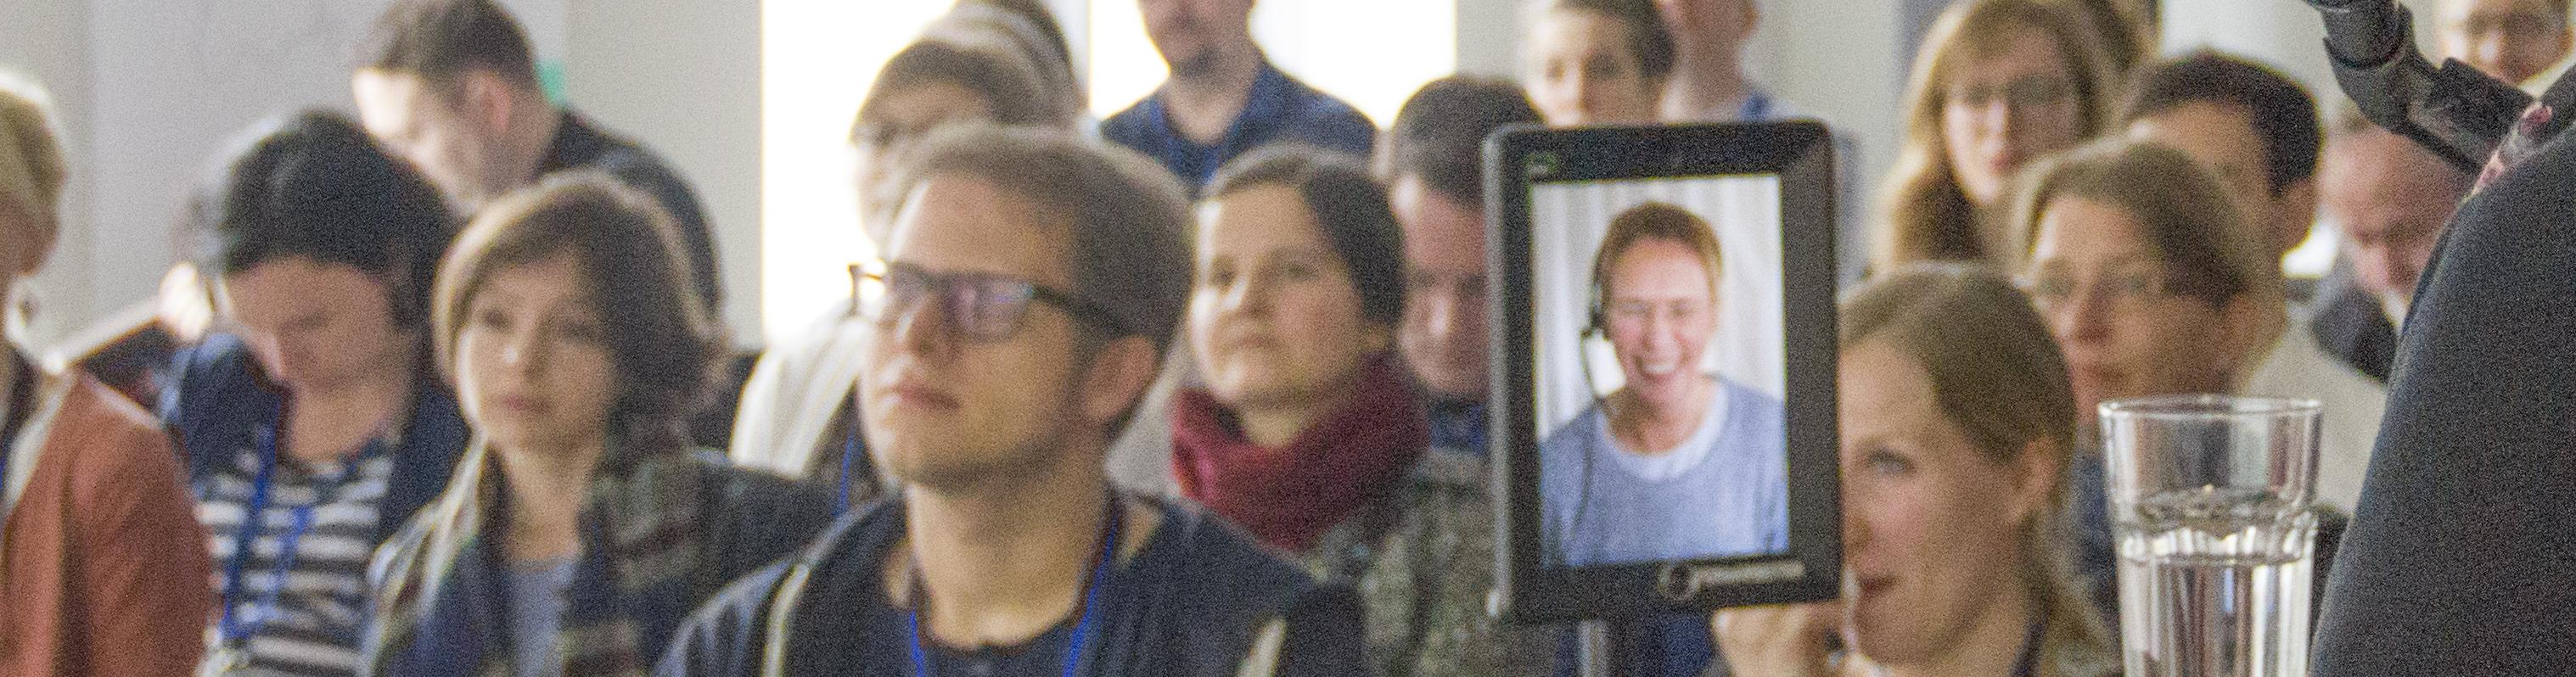 Telepräsentroboter sitzt im Publikum.